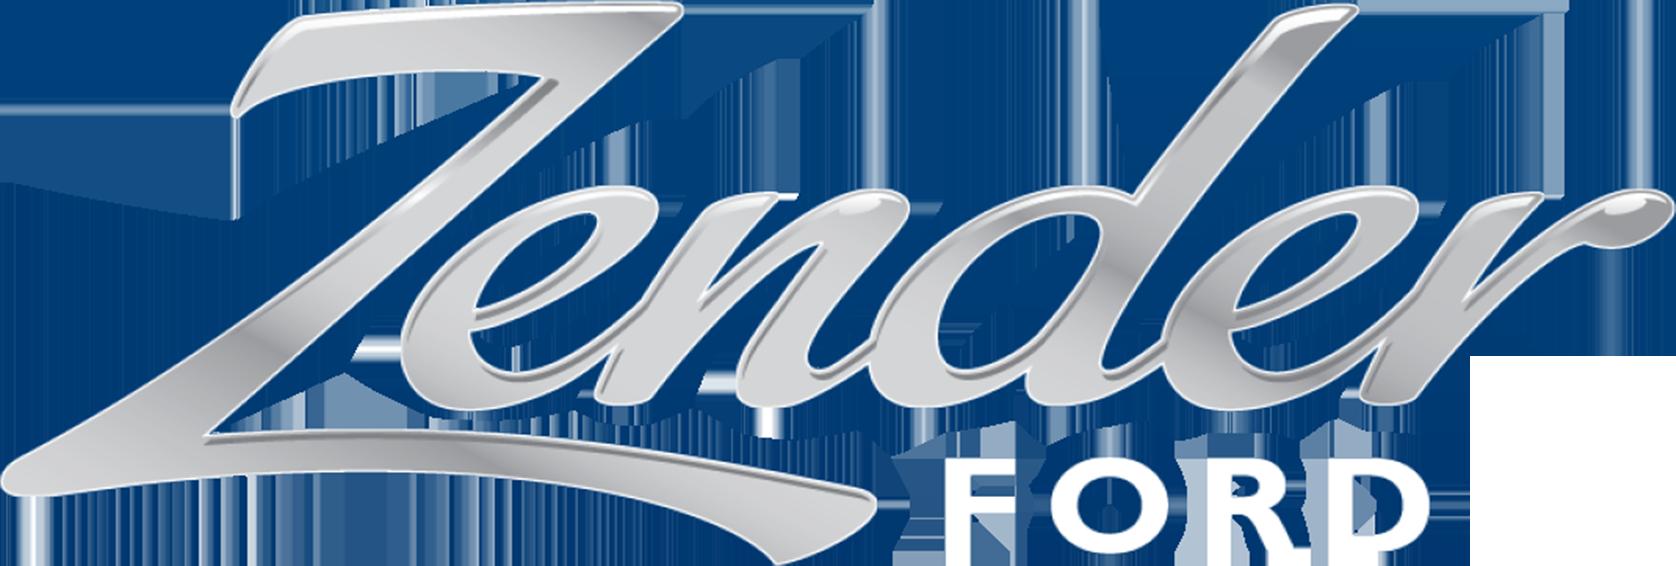 Zender ford logo